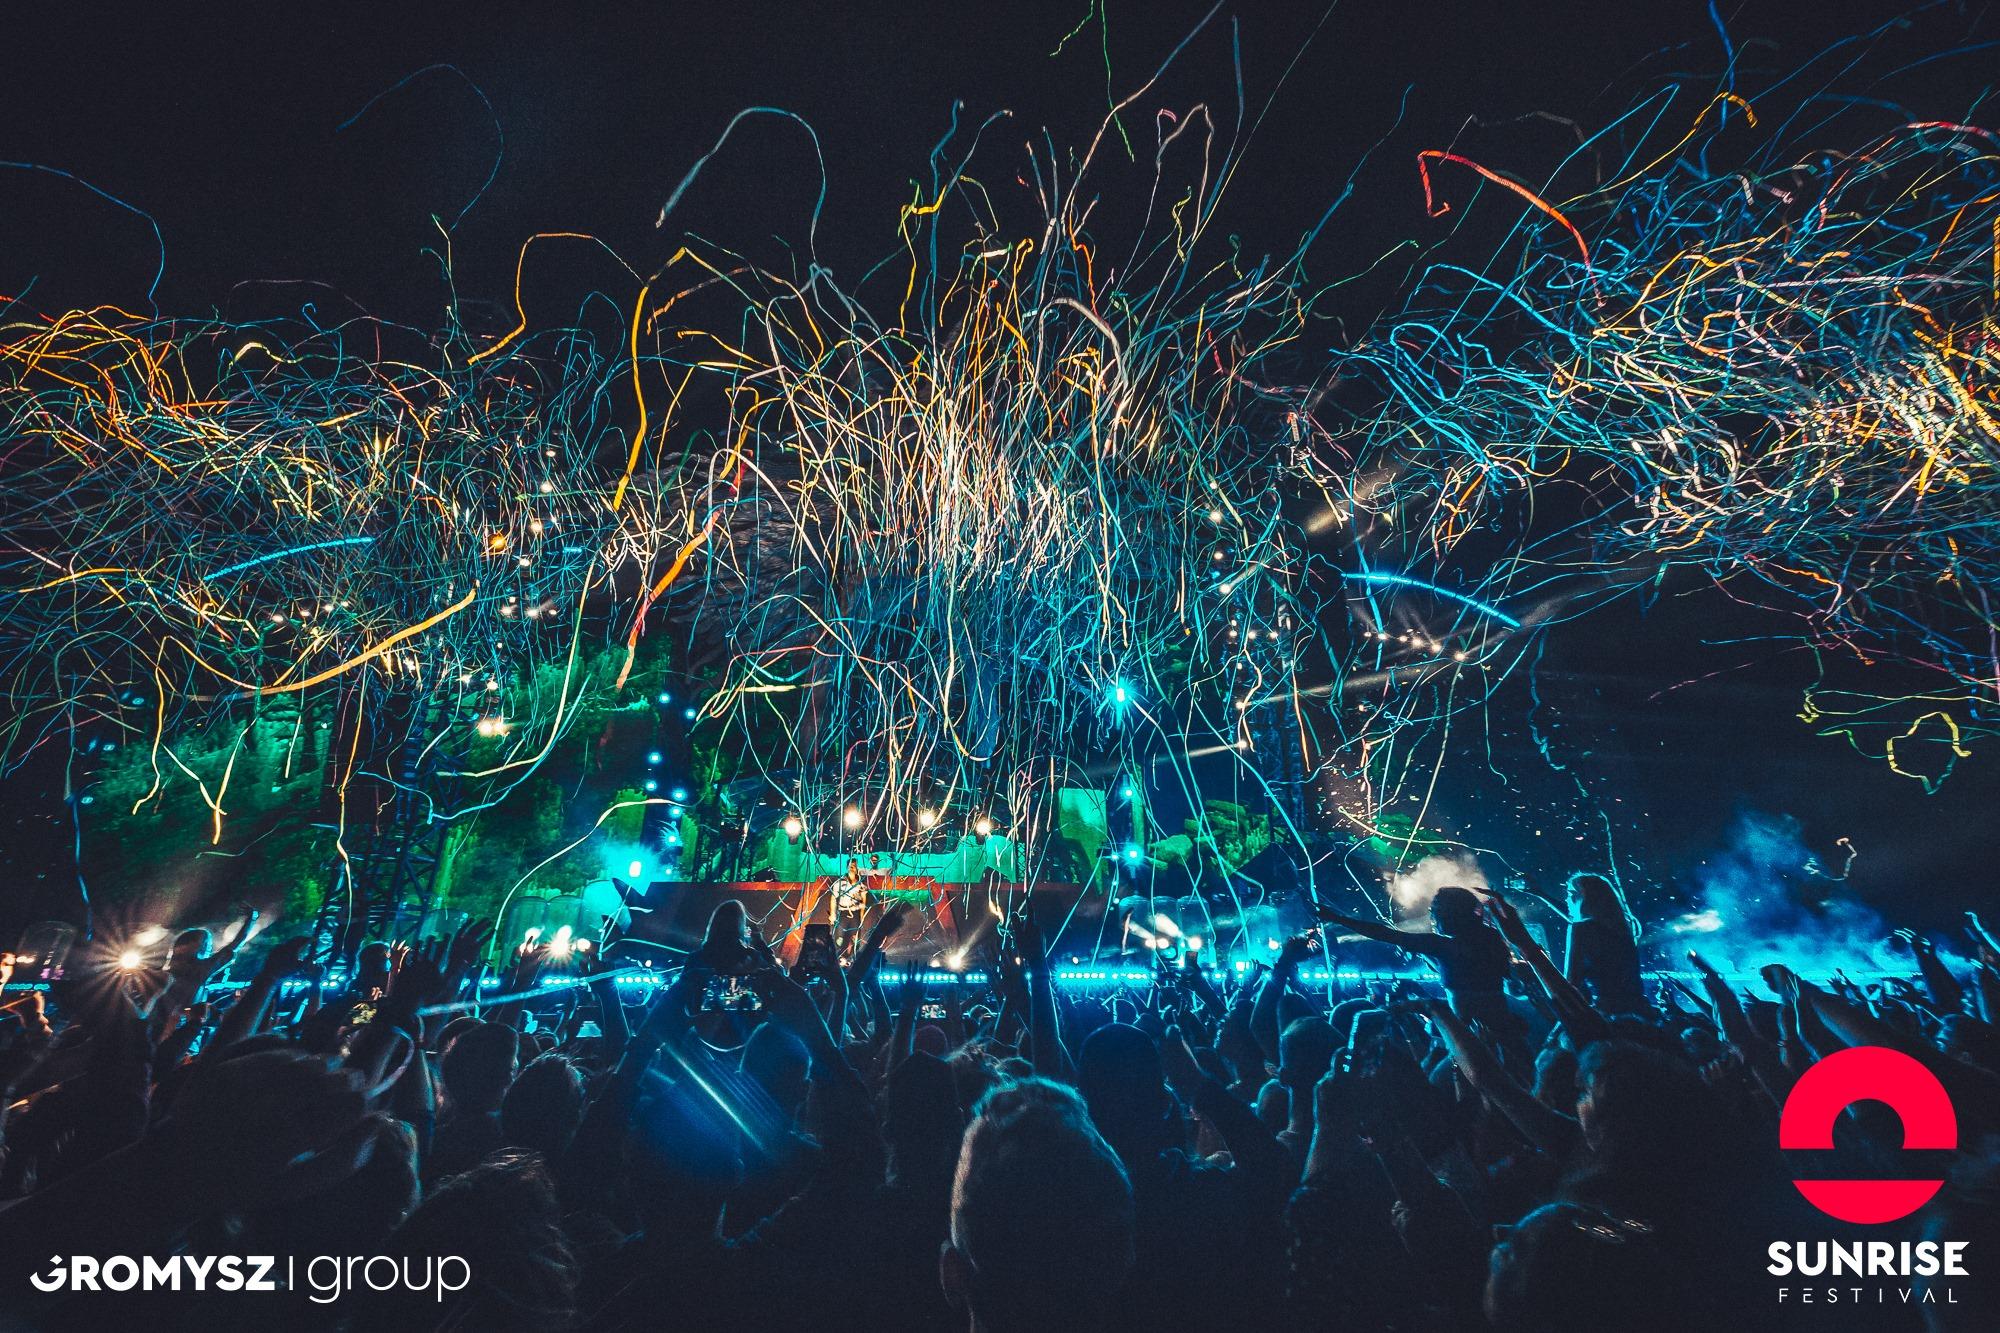 Sunrise Festival - Fot. Gromysz Group